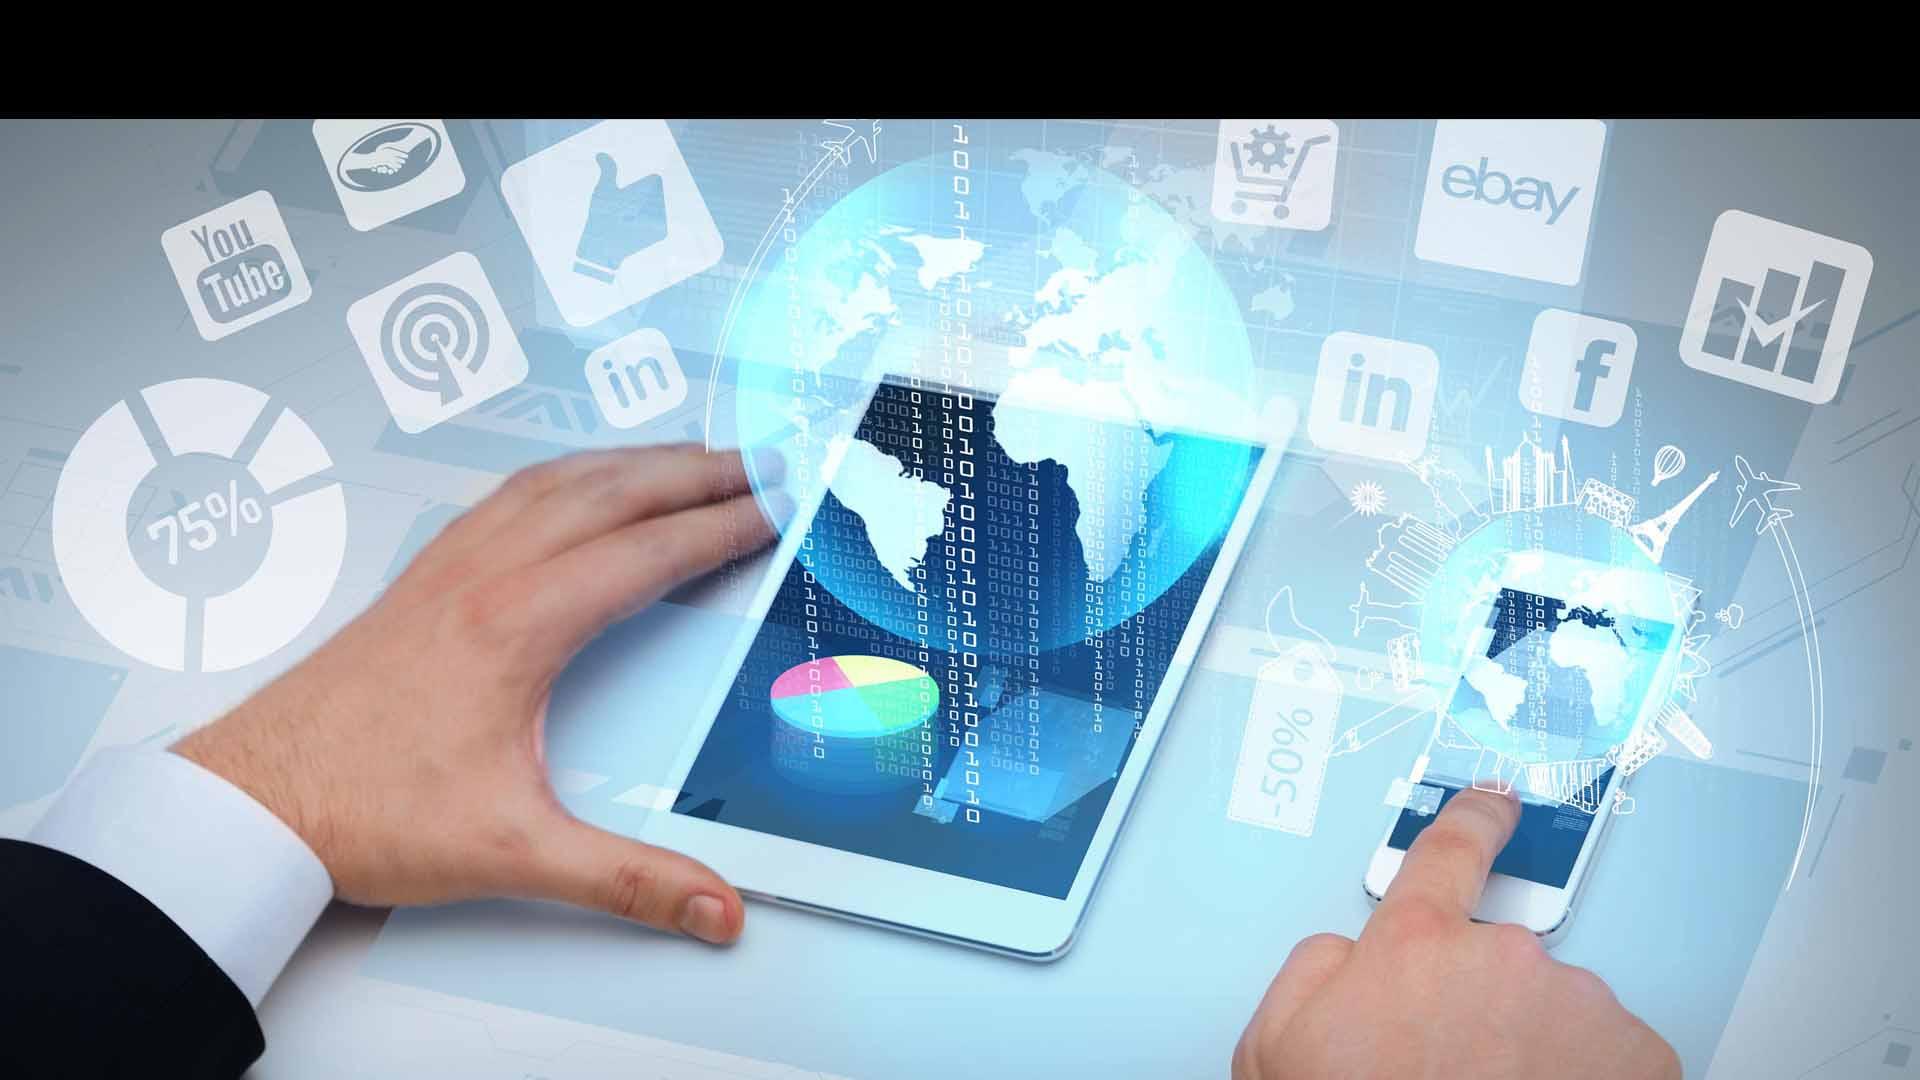 Las inversiones on line son el futuro, descubre que debes tener antes de adentrarte en el mundo web